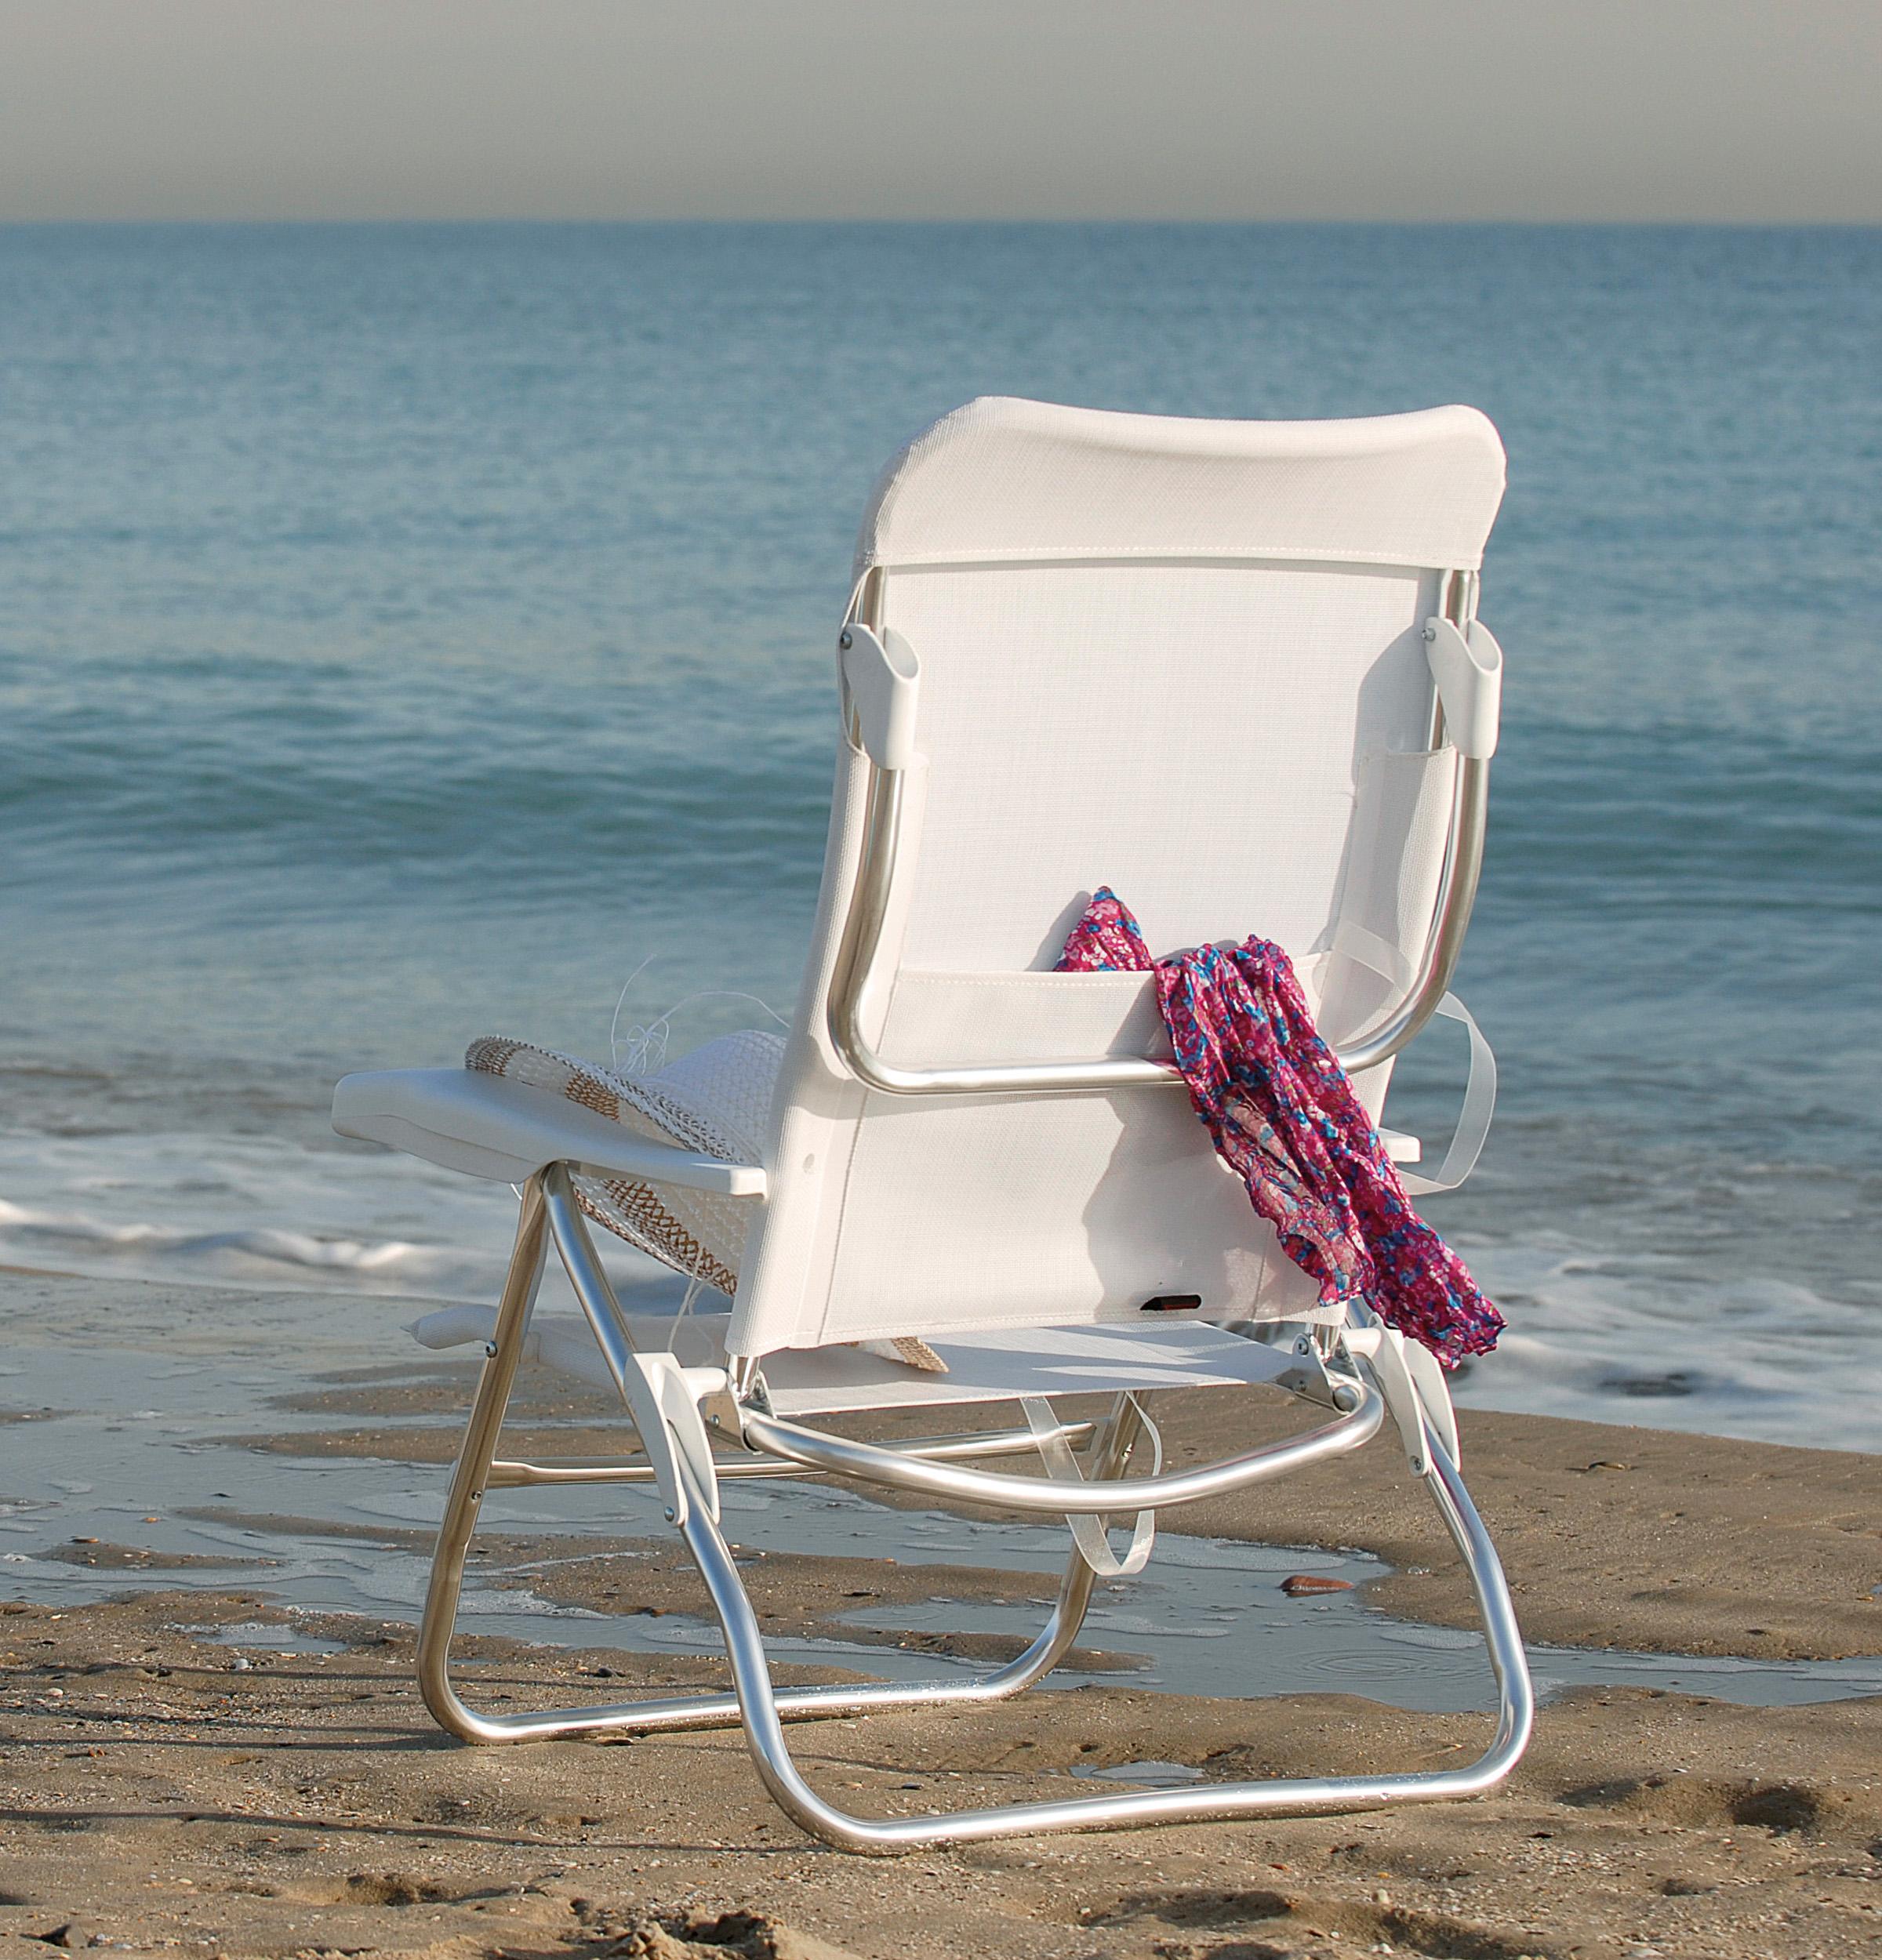 Excepcional sillas playa aluminio embellecimiento ideas for Sillas para playa